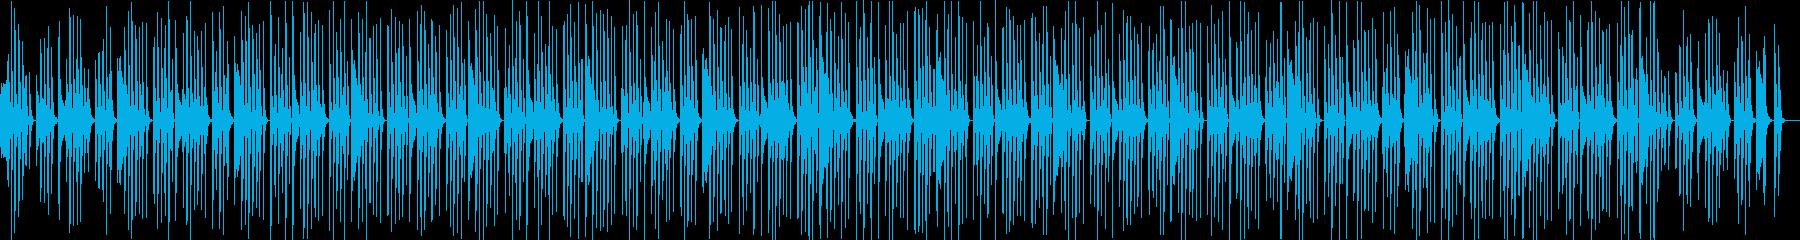 kawaiiポップオーケストラ・日常の再生済みの波形